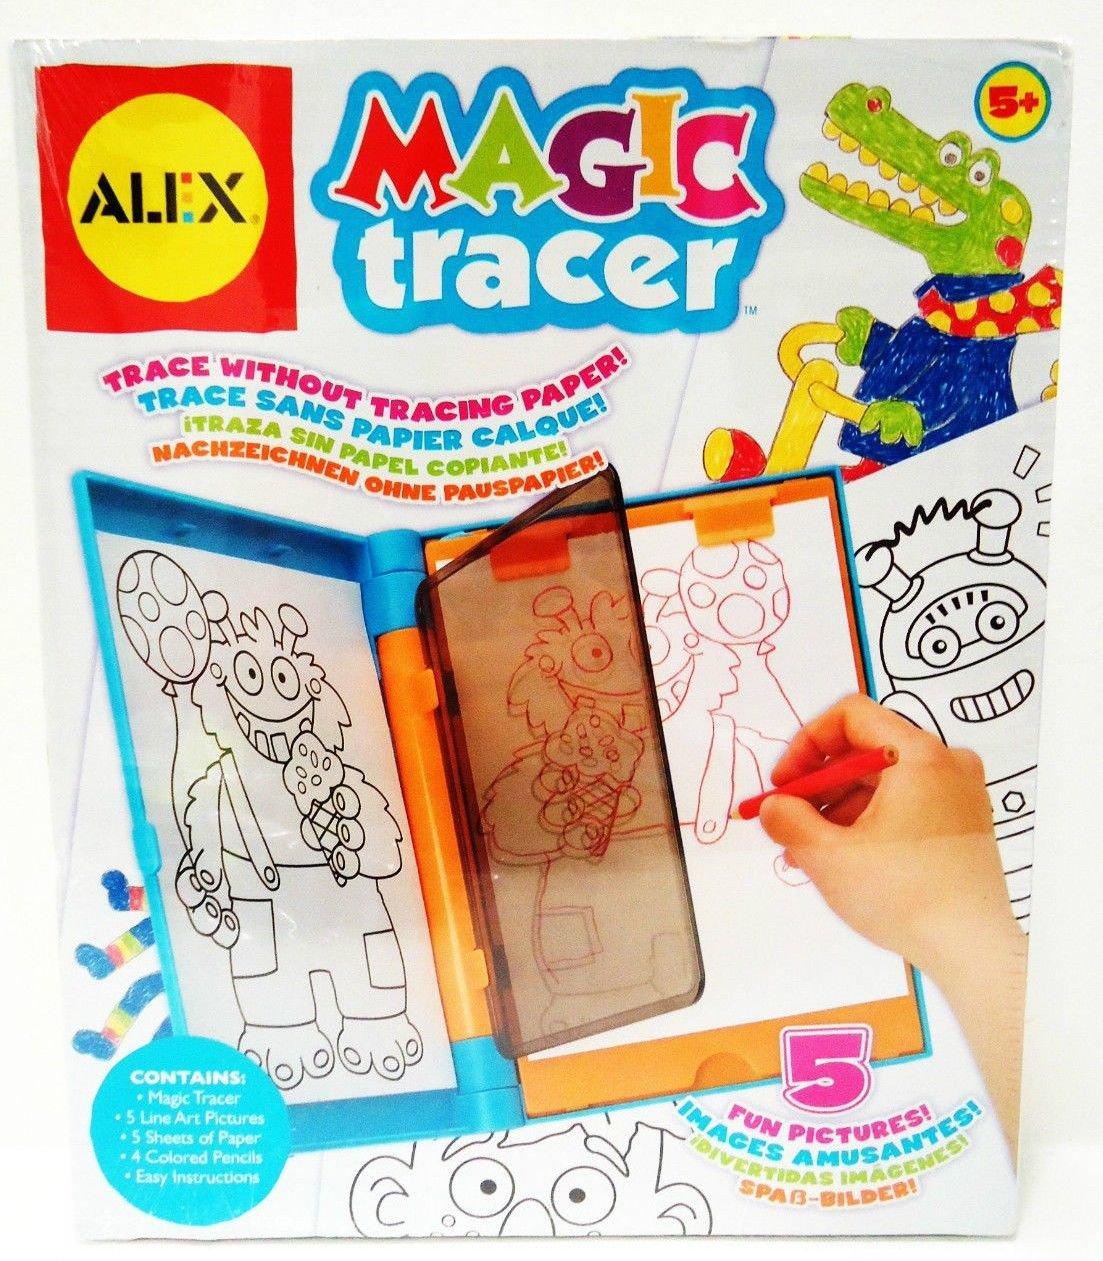 ALEX - TOYS - ARTIST - STUDIO - 32W - MAGIC TRACER - NEW - DRAWING - ART - KIT